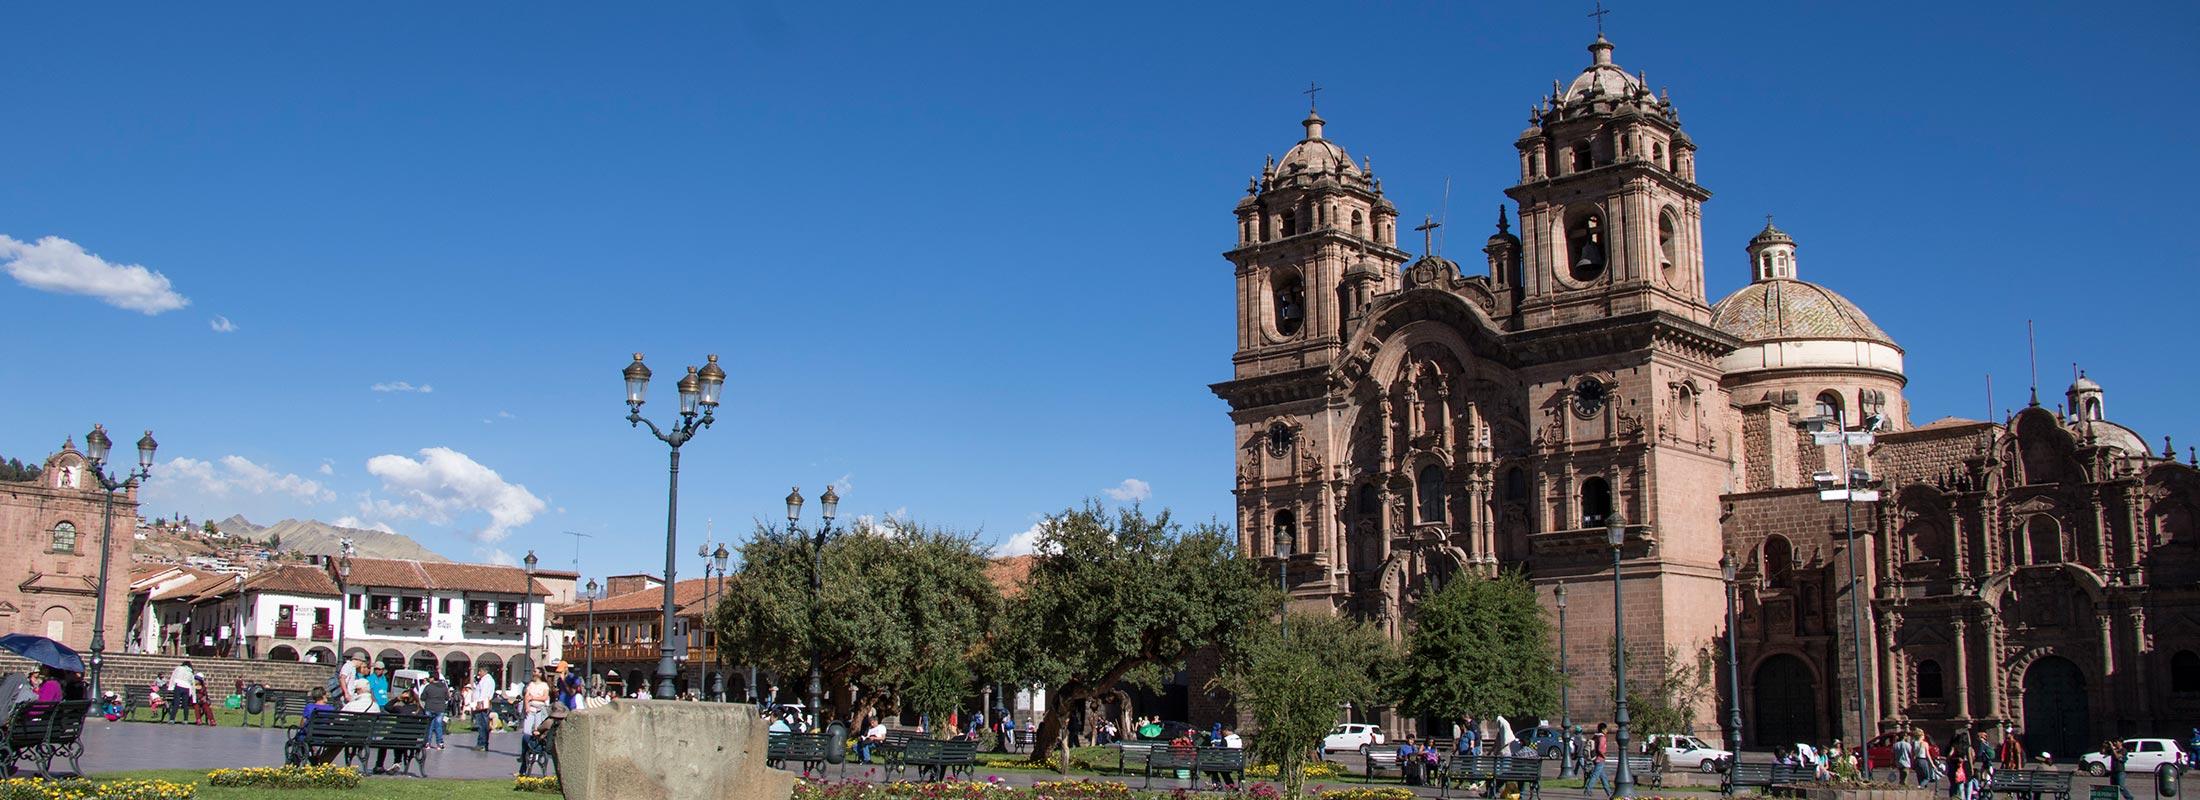 cusco ruins tour (4)